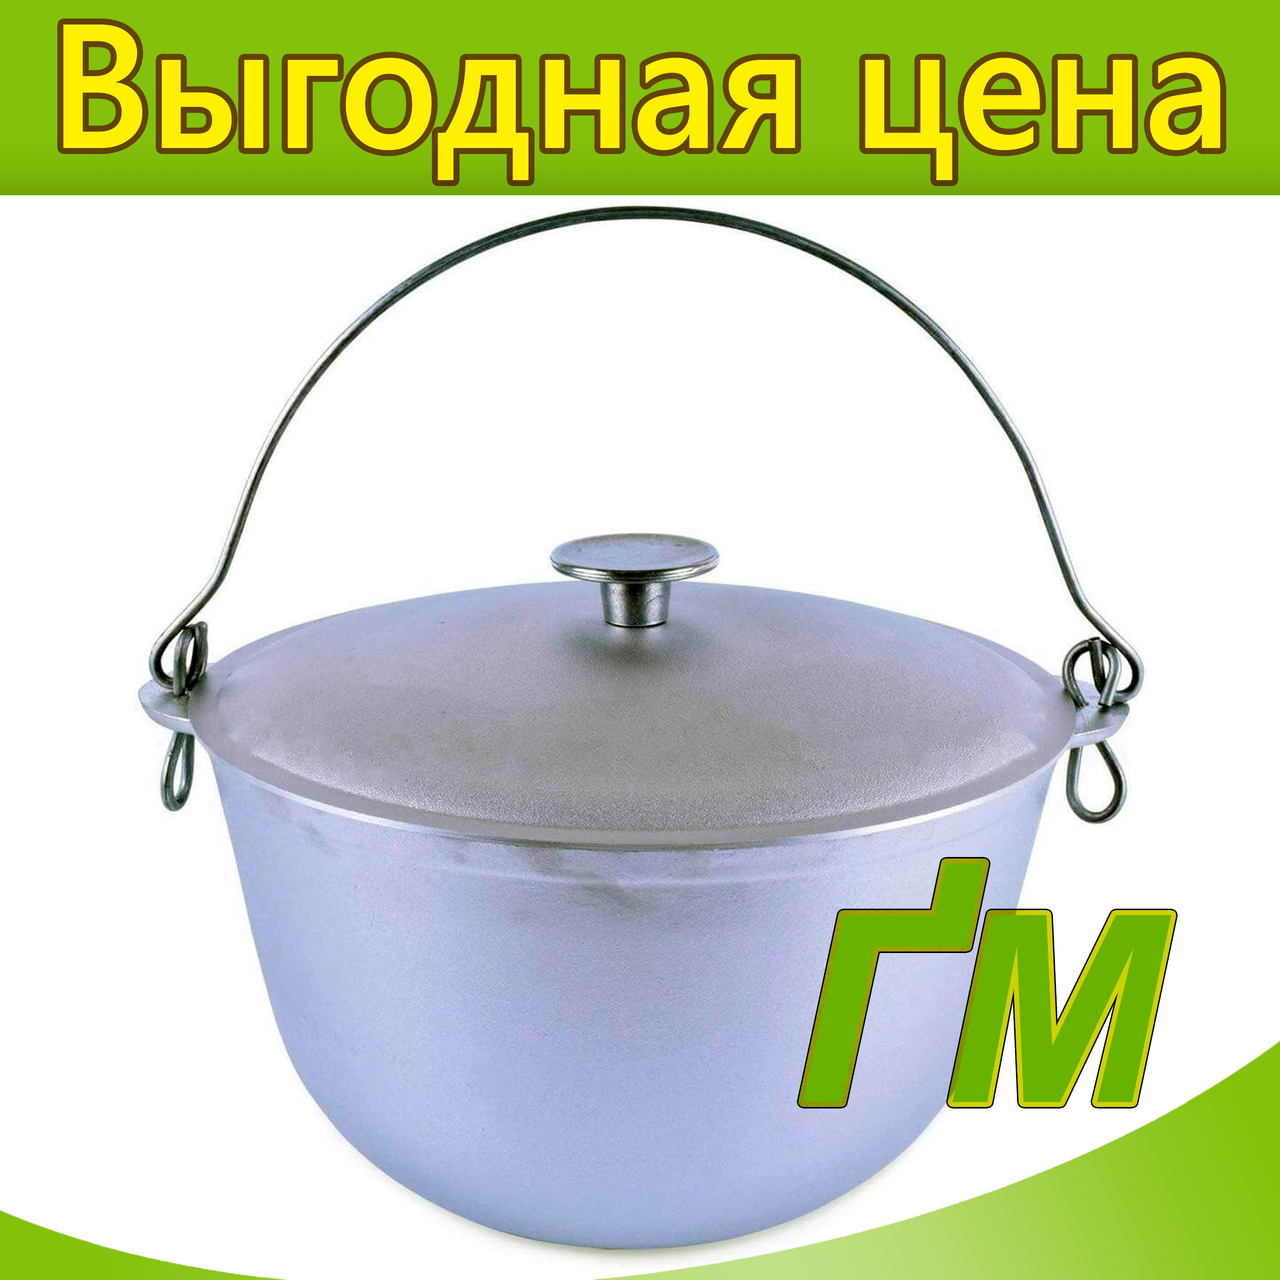 Казан походный с крышкой и дужкой, объем 4 л.